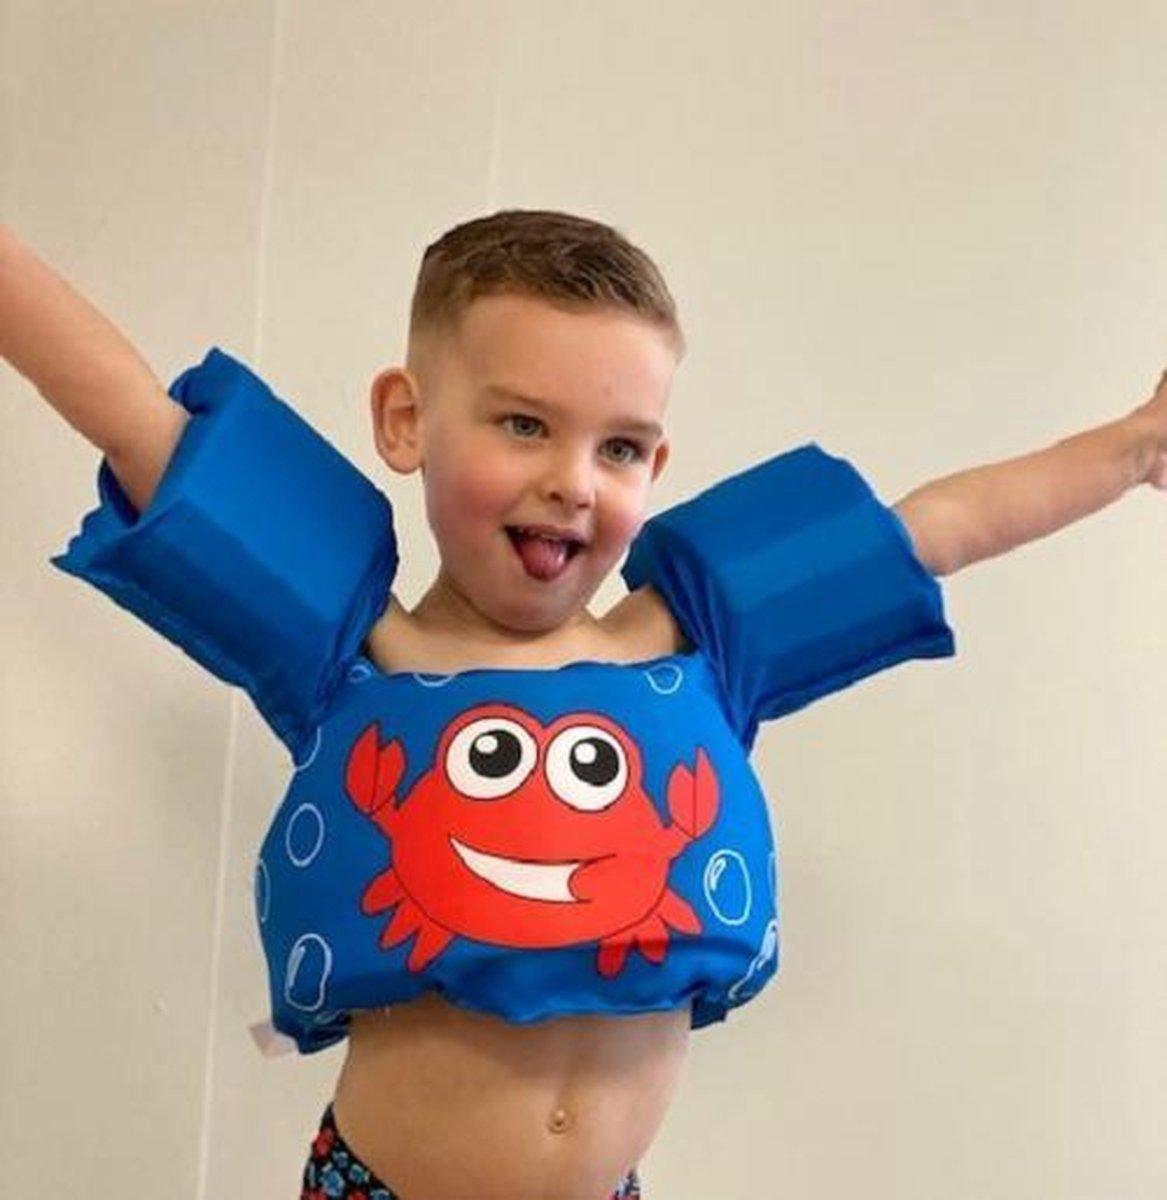 Zwemvest kinderen - krab | 2 - 6 jaar | 15 - 25kg | Veilig zwemmen | Zwemband | Reddingsvest